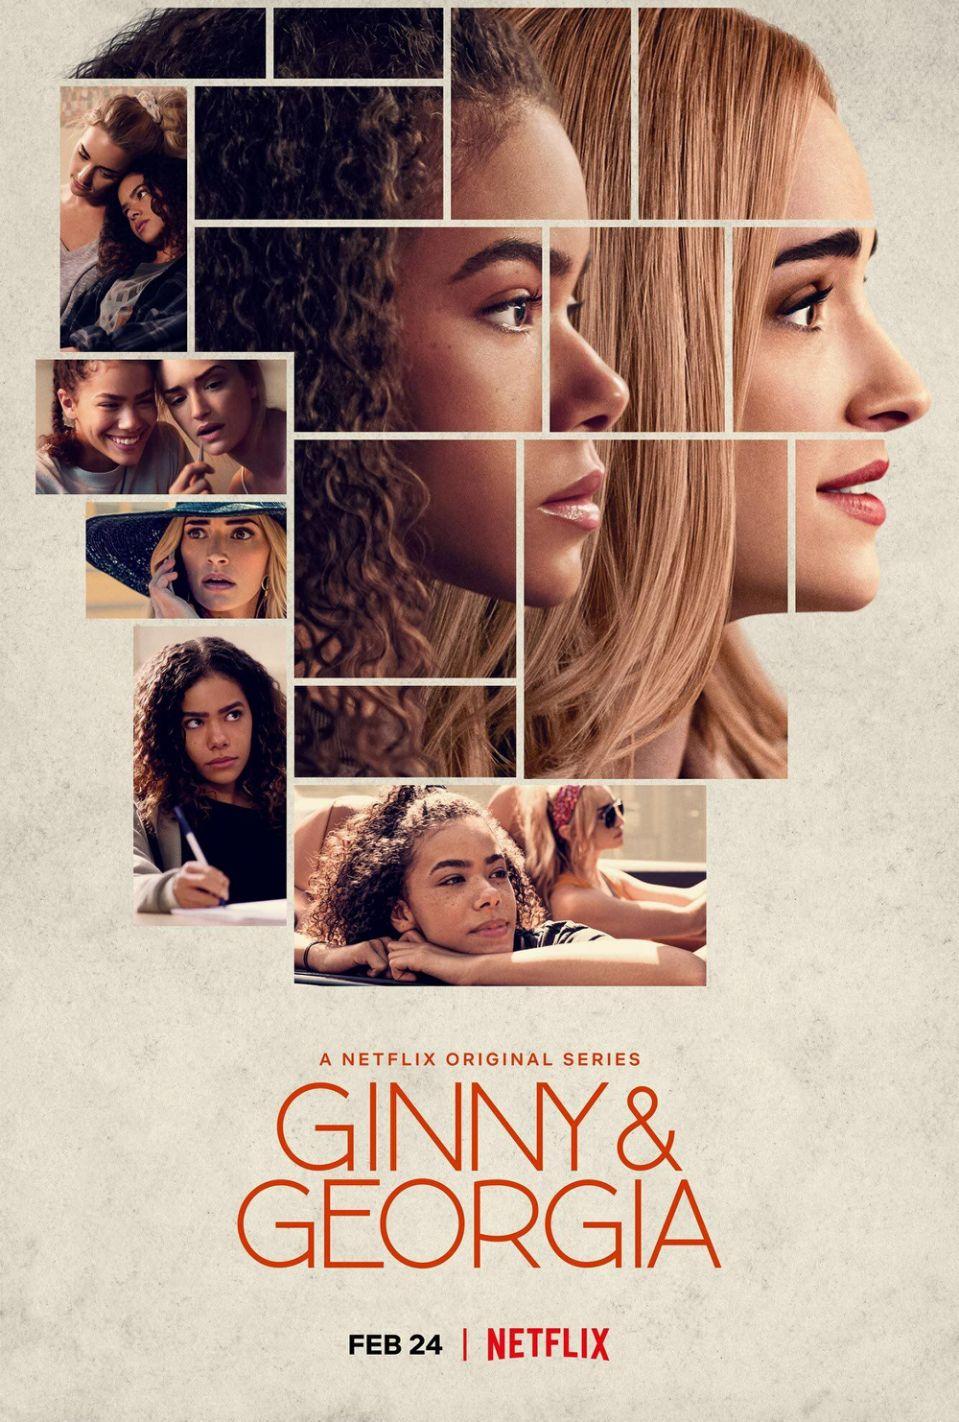 Ginny & Georgia (TV Series 2021– ) - IMDb